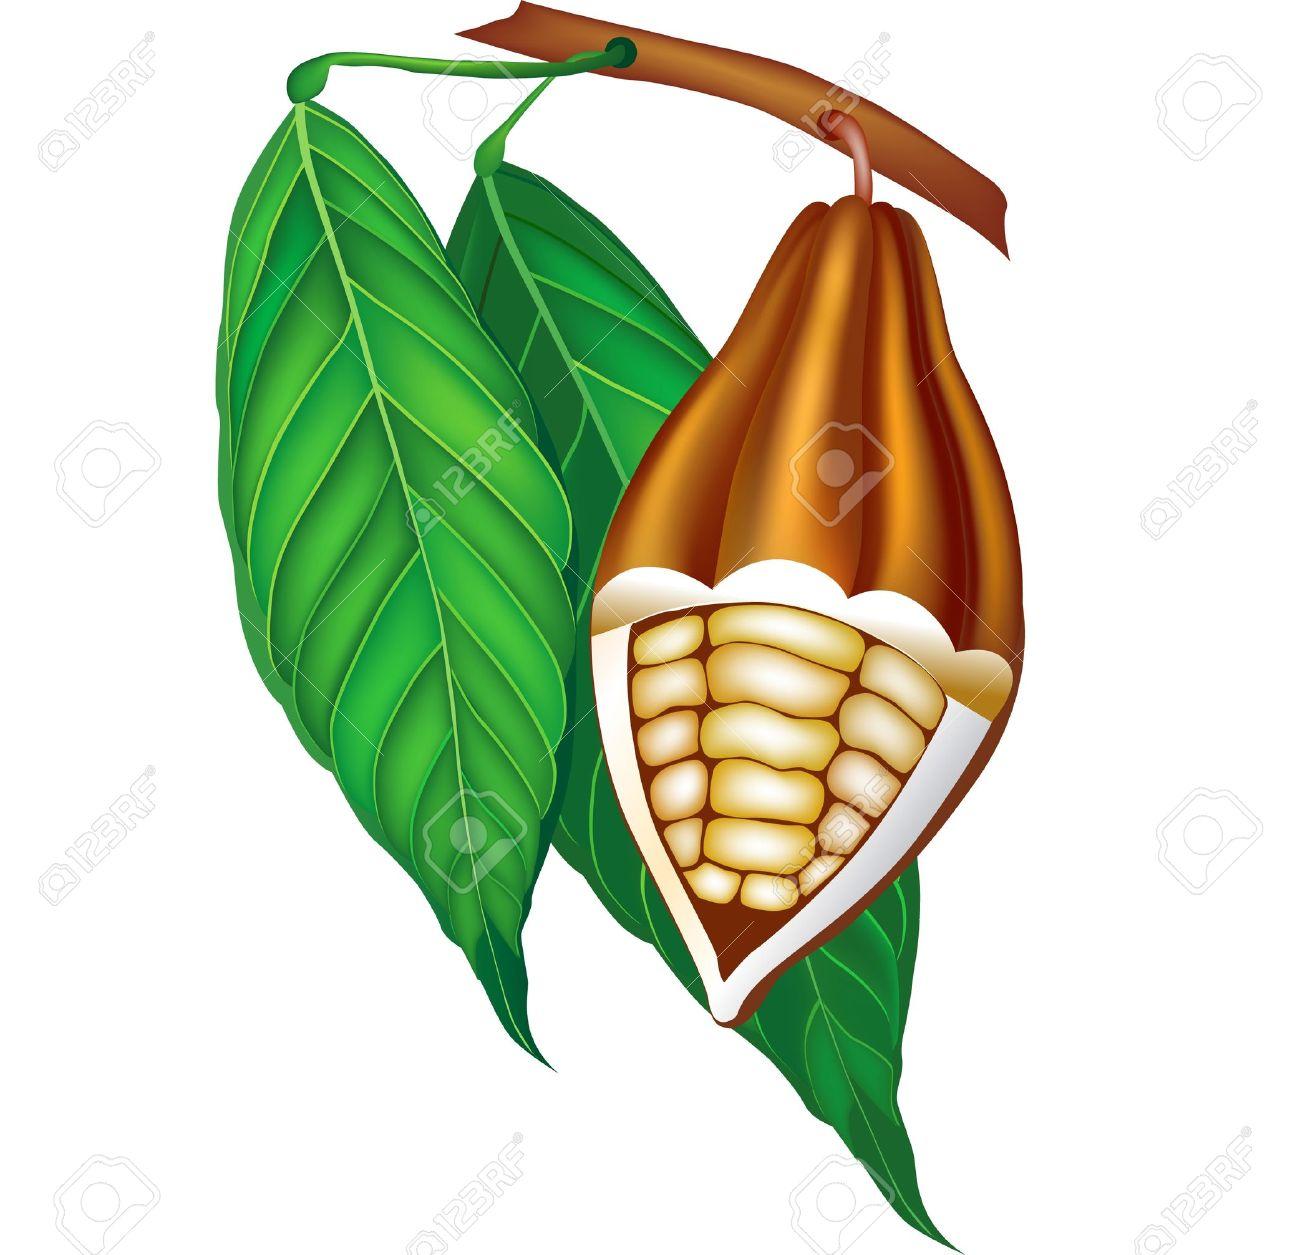 Bean clipart bean pod.  collection of cocoa